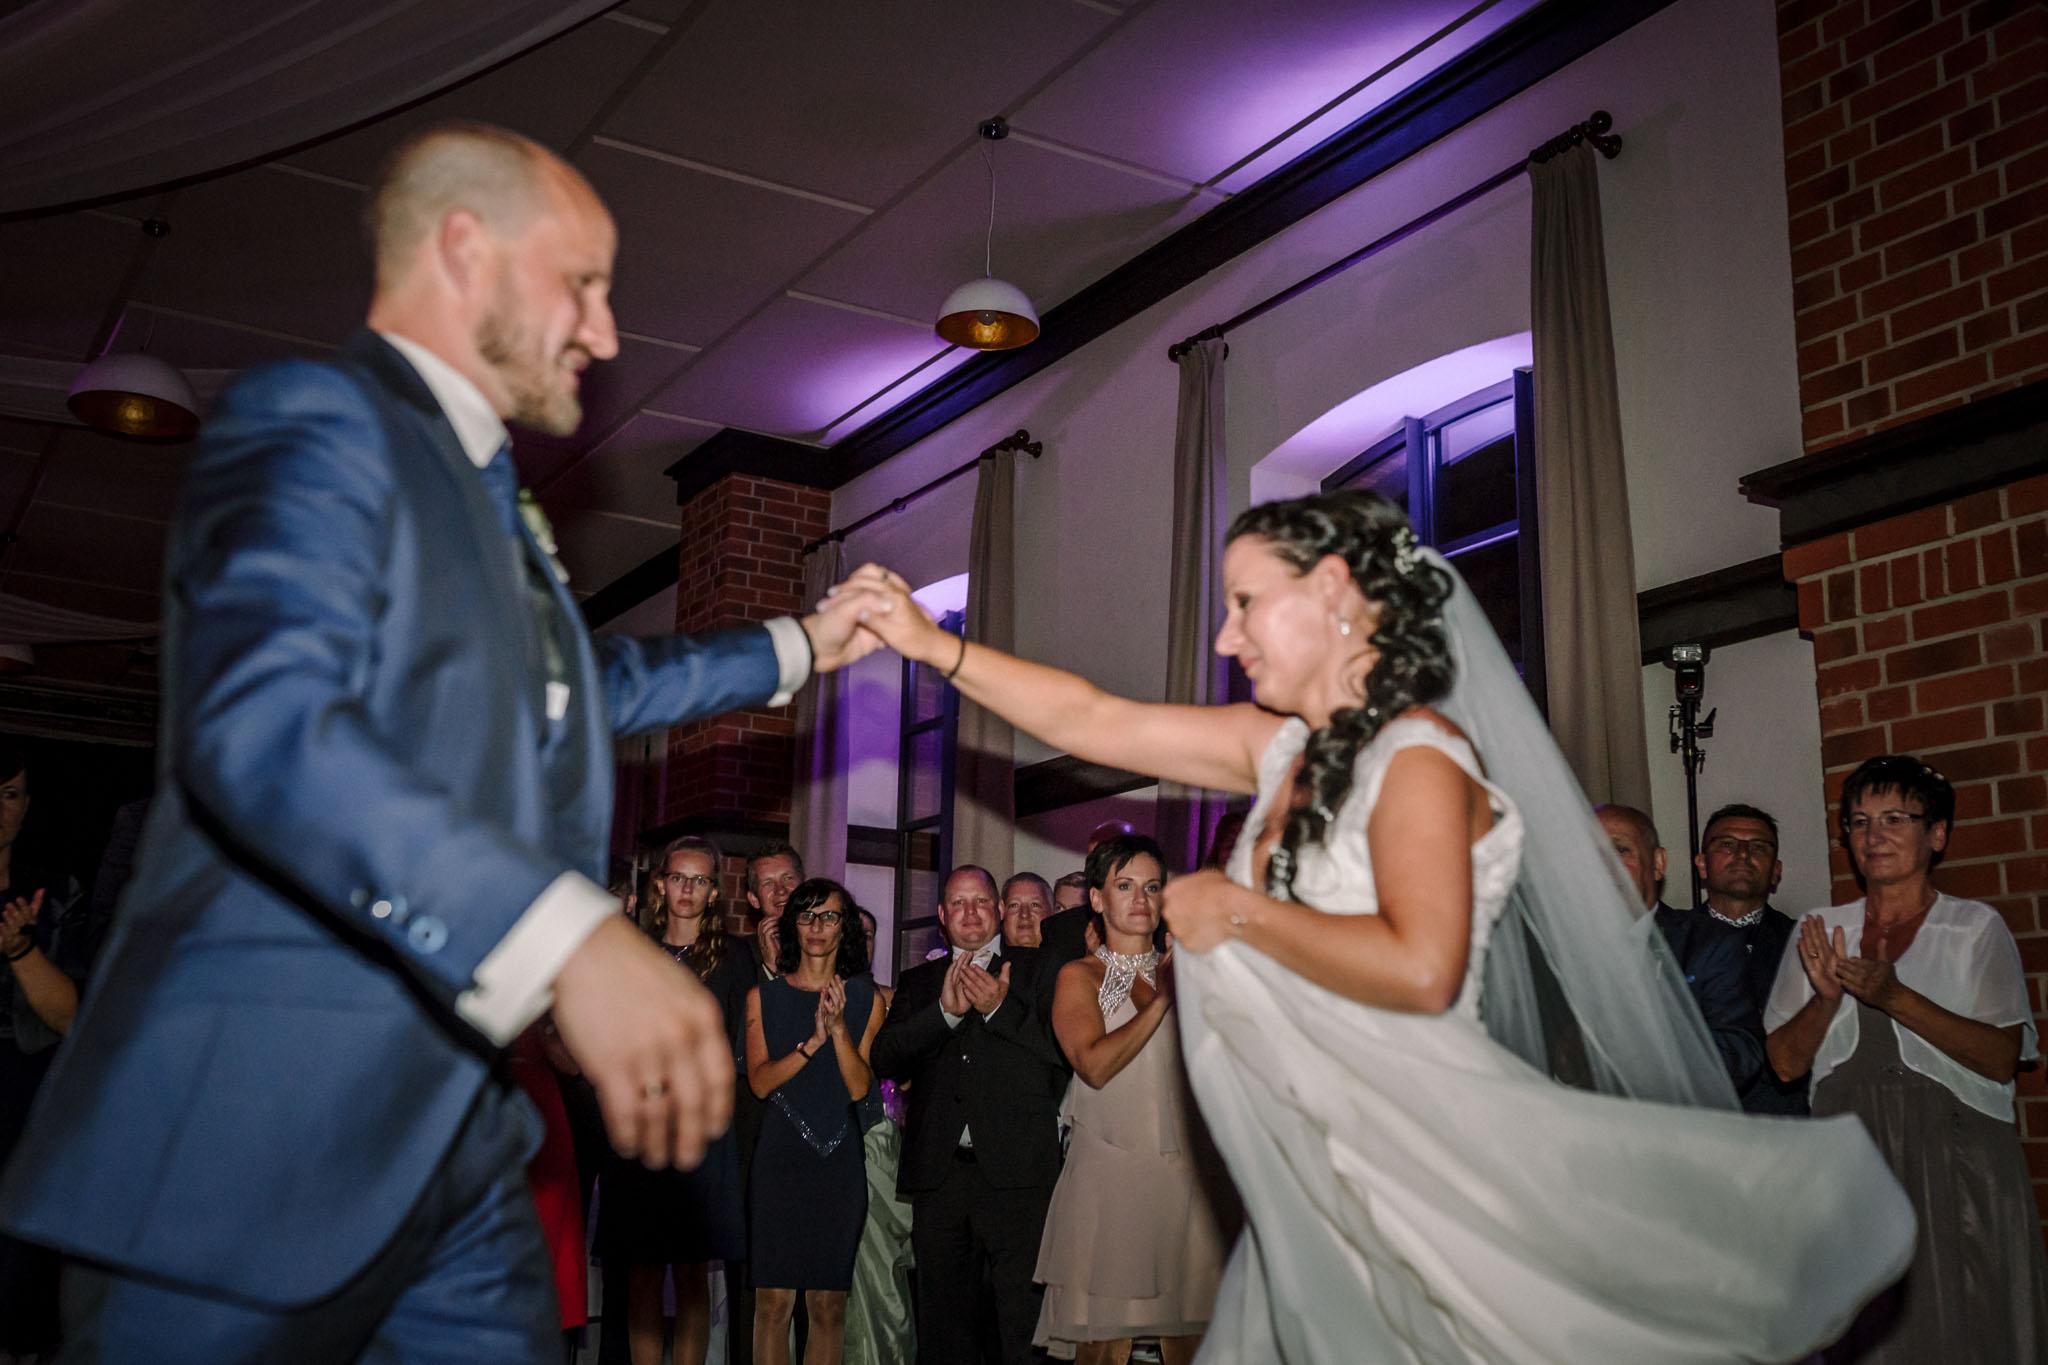 Hochzeitsfieber by Photo-Schomburg, Hochzeitsfotograf, Hamburg,Hochzeitstag, Hochzeitspaar, Braut, Bräutigam, Literaturhauscafe Zarrentin-105